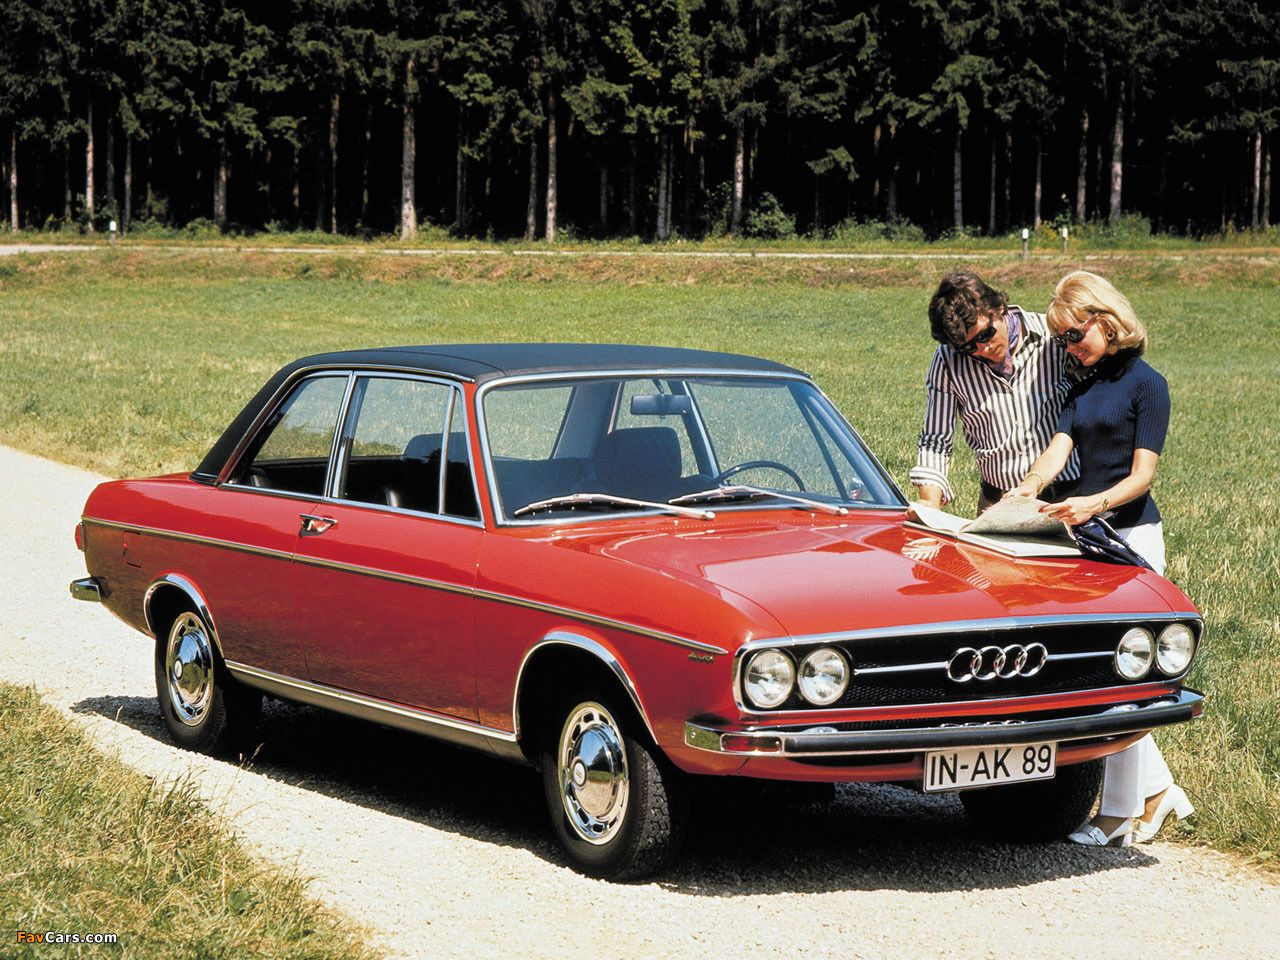 Nett 71 Chevy Lkw Schaltplan Fotos - Der Schaltplan - triangre.info